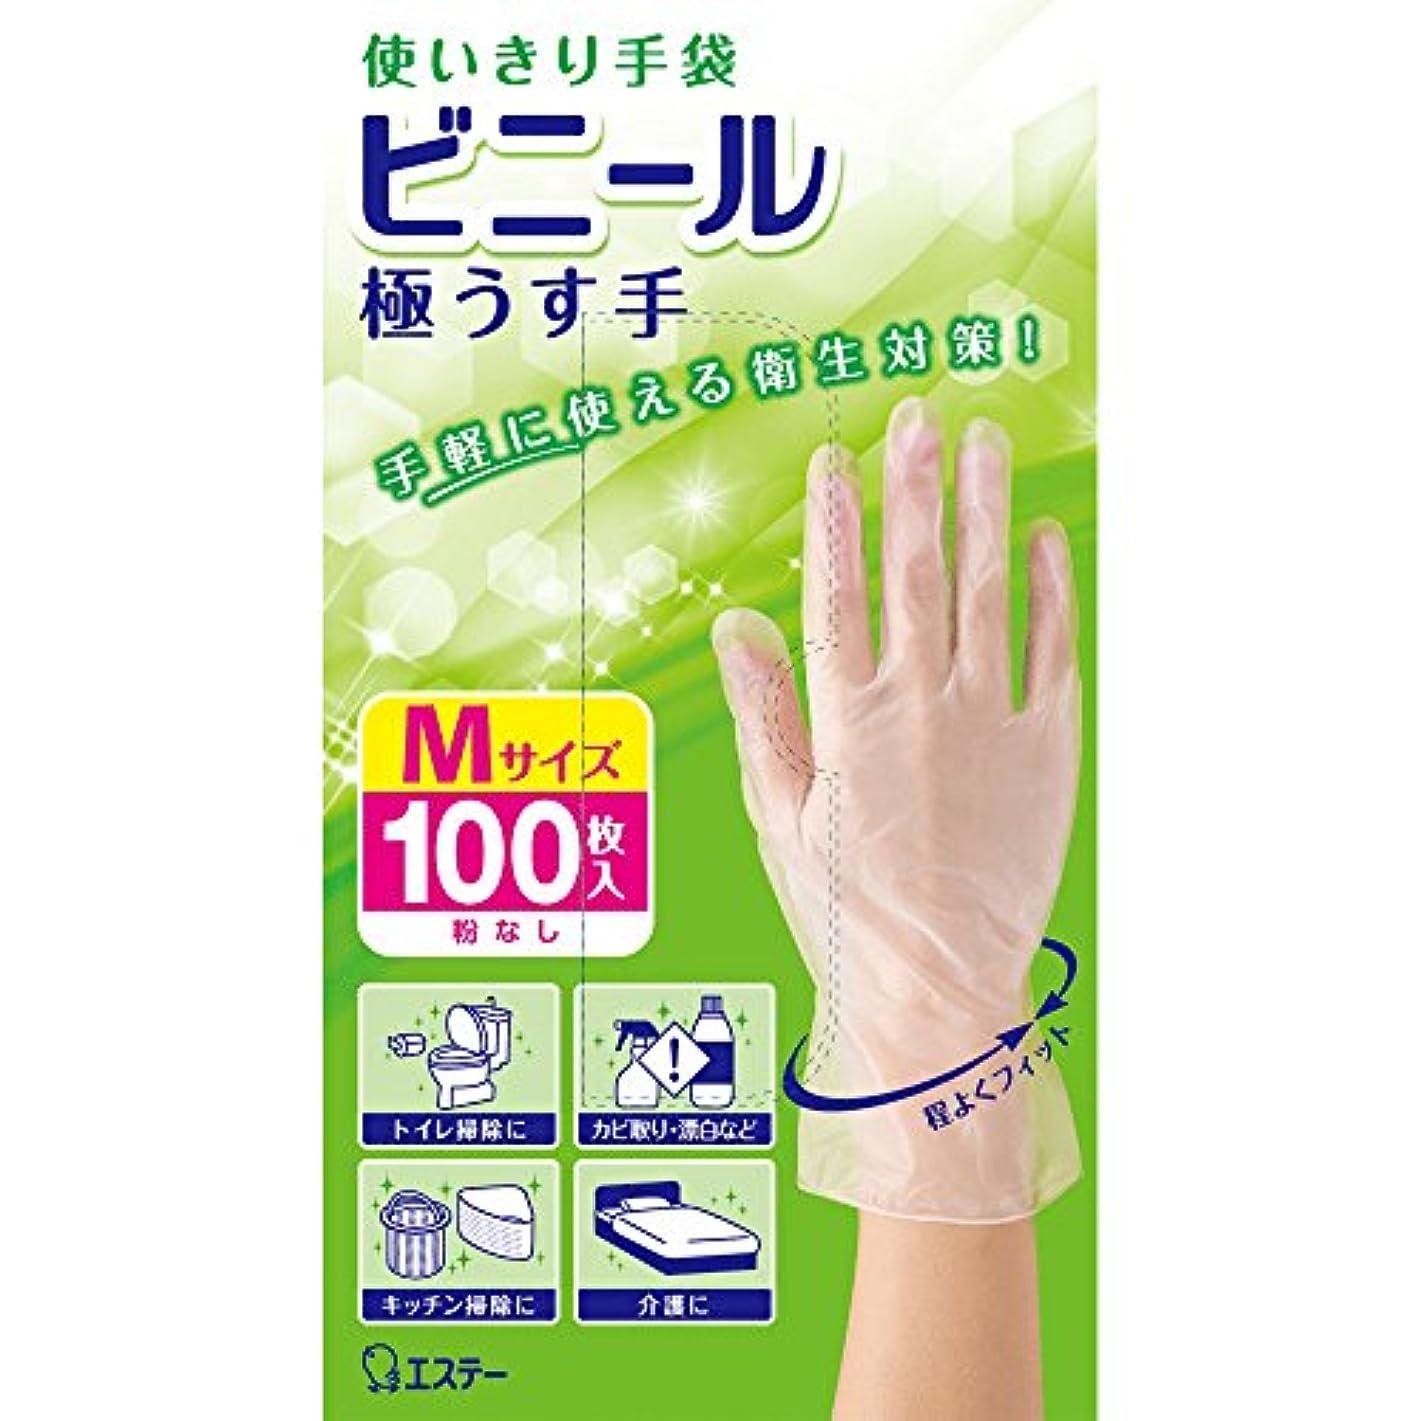 逆説表向き融合使いきり手袋 ビニール 極うす手 炊事?掃除用 Mサイズ 半透明 100枚